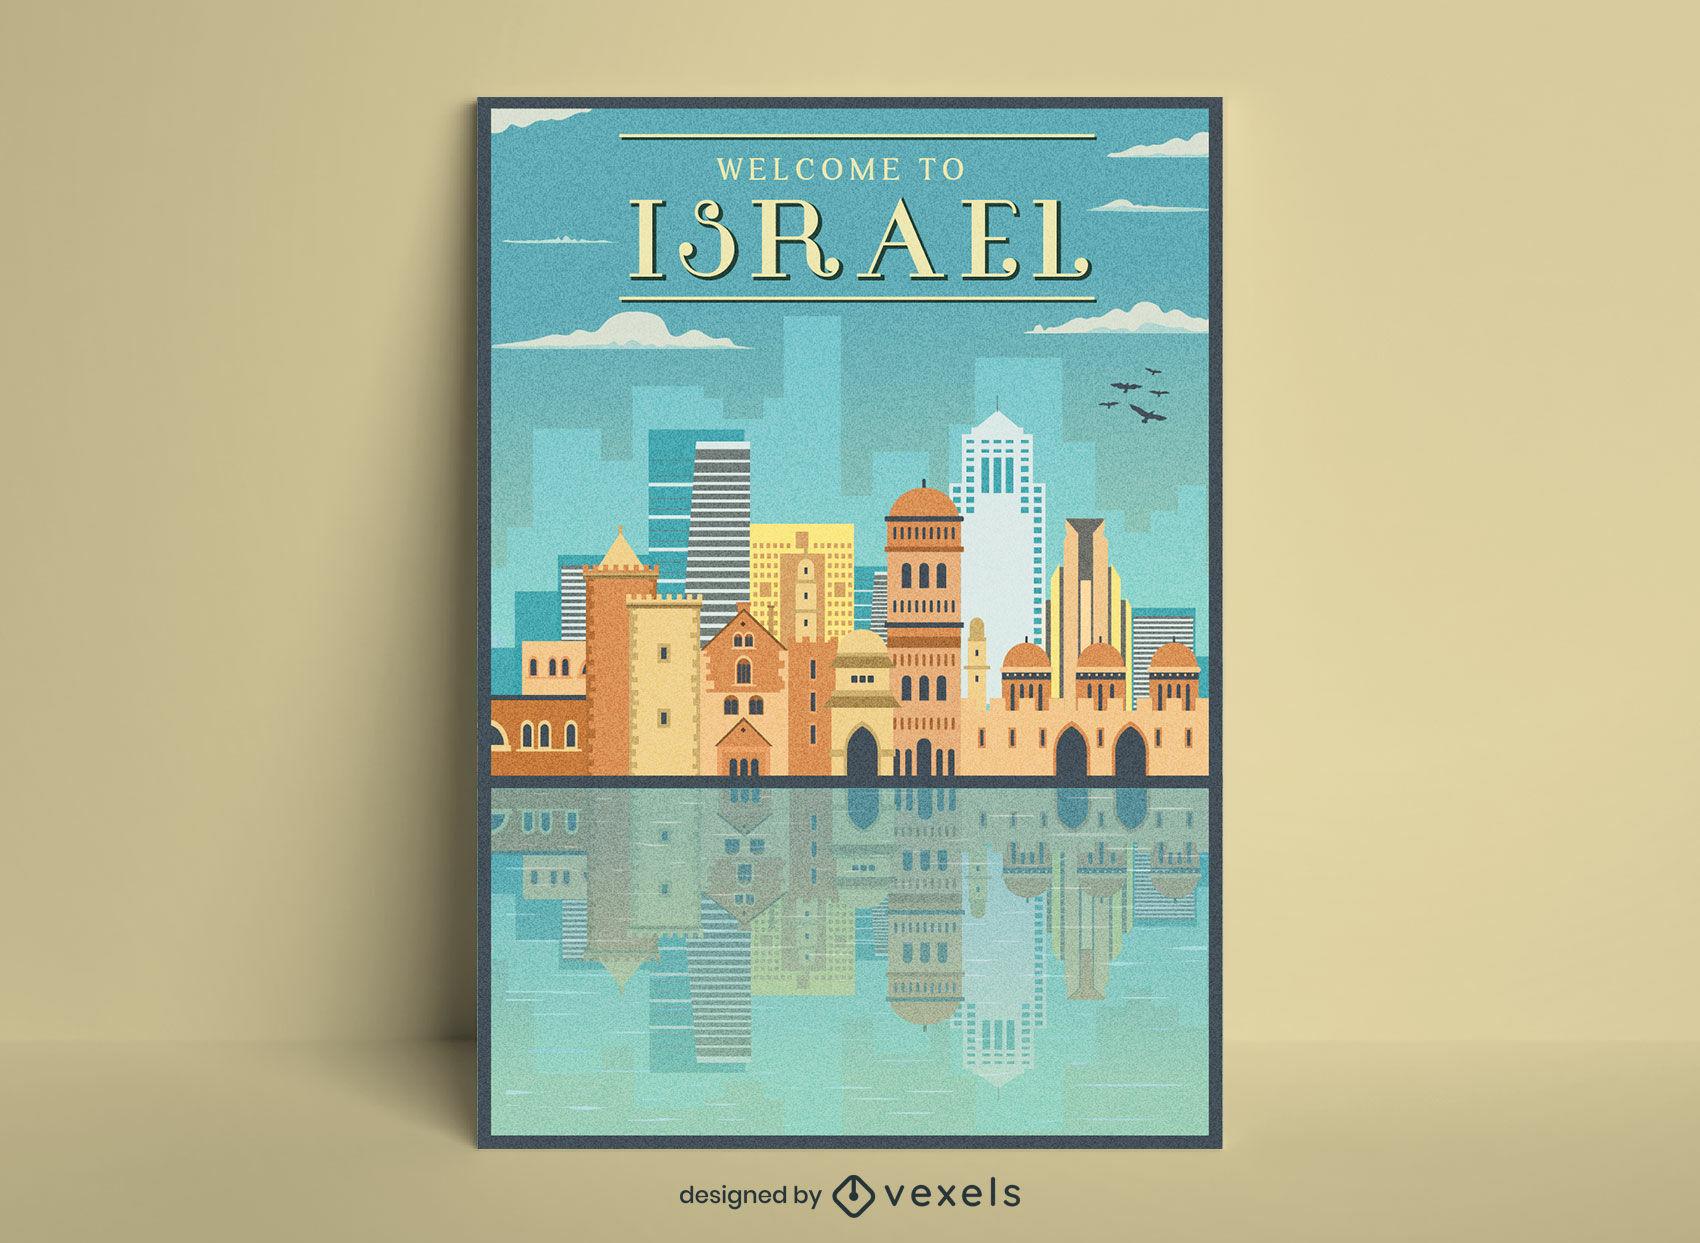 Israel tourism vintage travel poster design